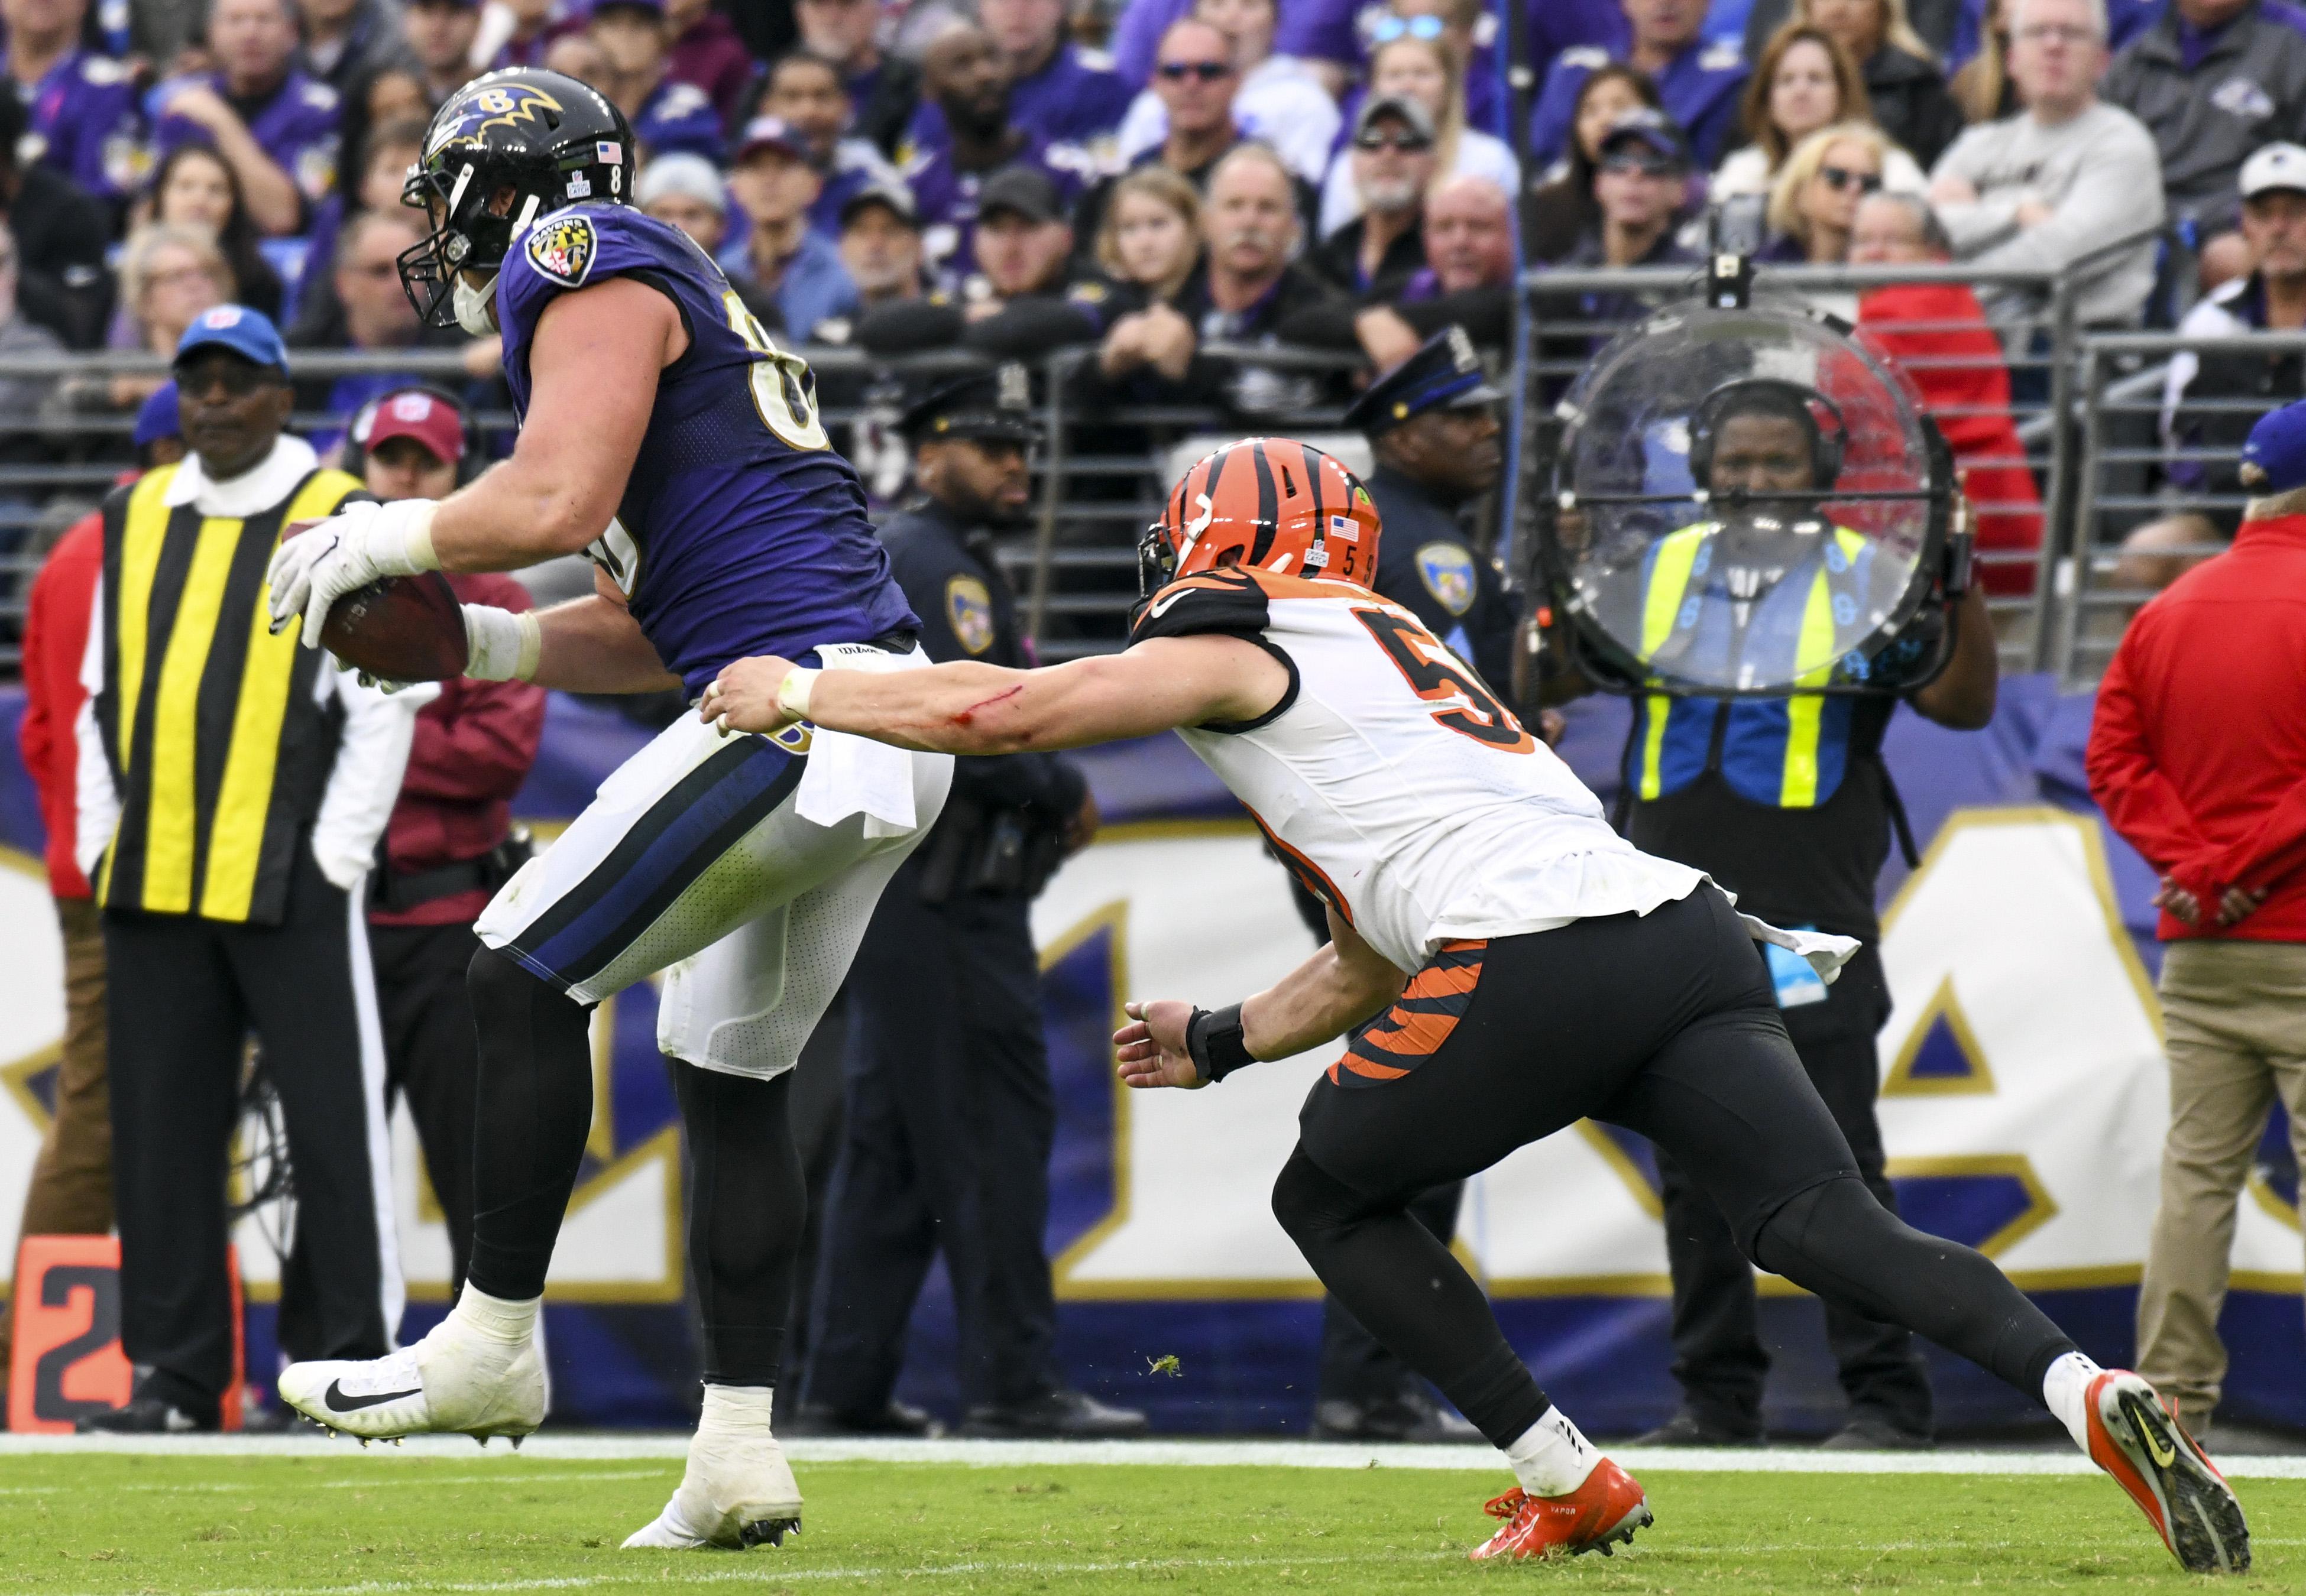 NFL: OCT 13 Bengals at Ravens